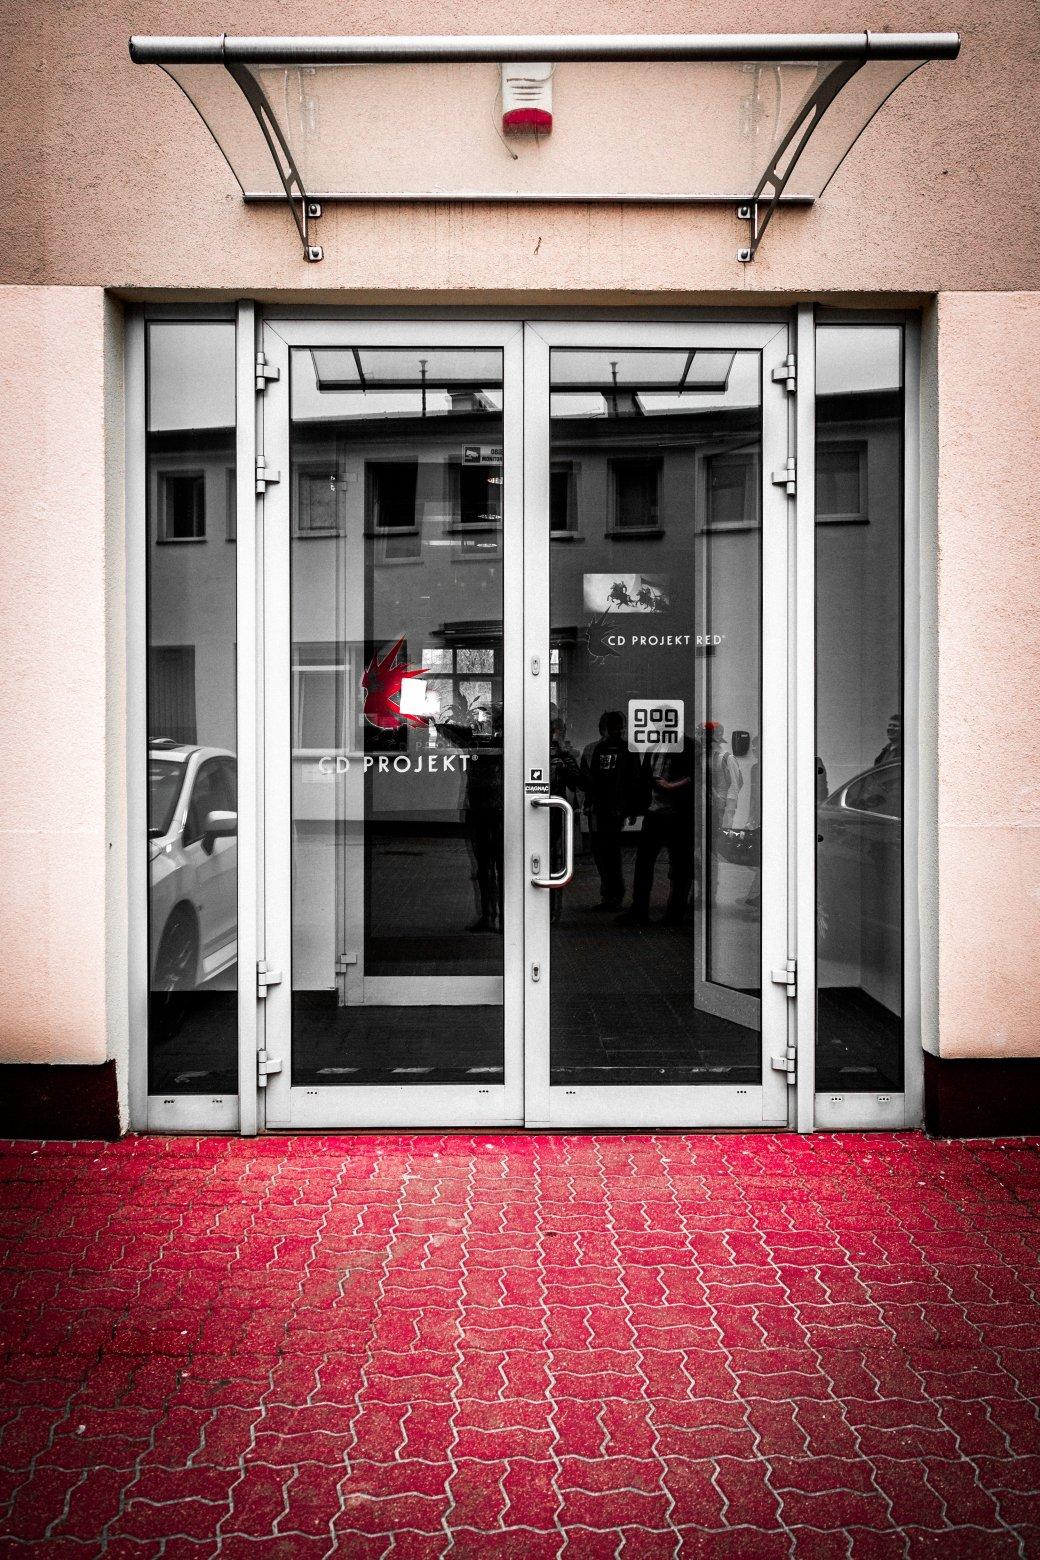 Впечатления от моего первого пресс-тура: студия GOG и CD Projekt RED - Изображение 23